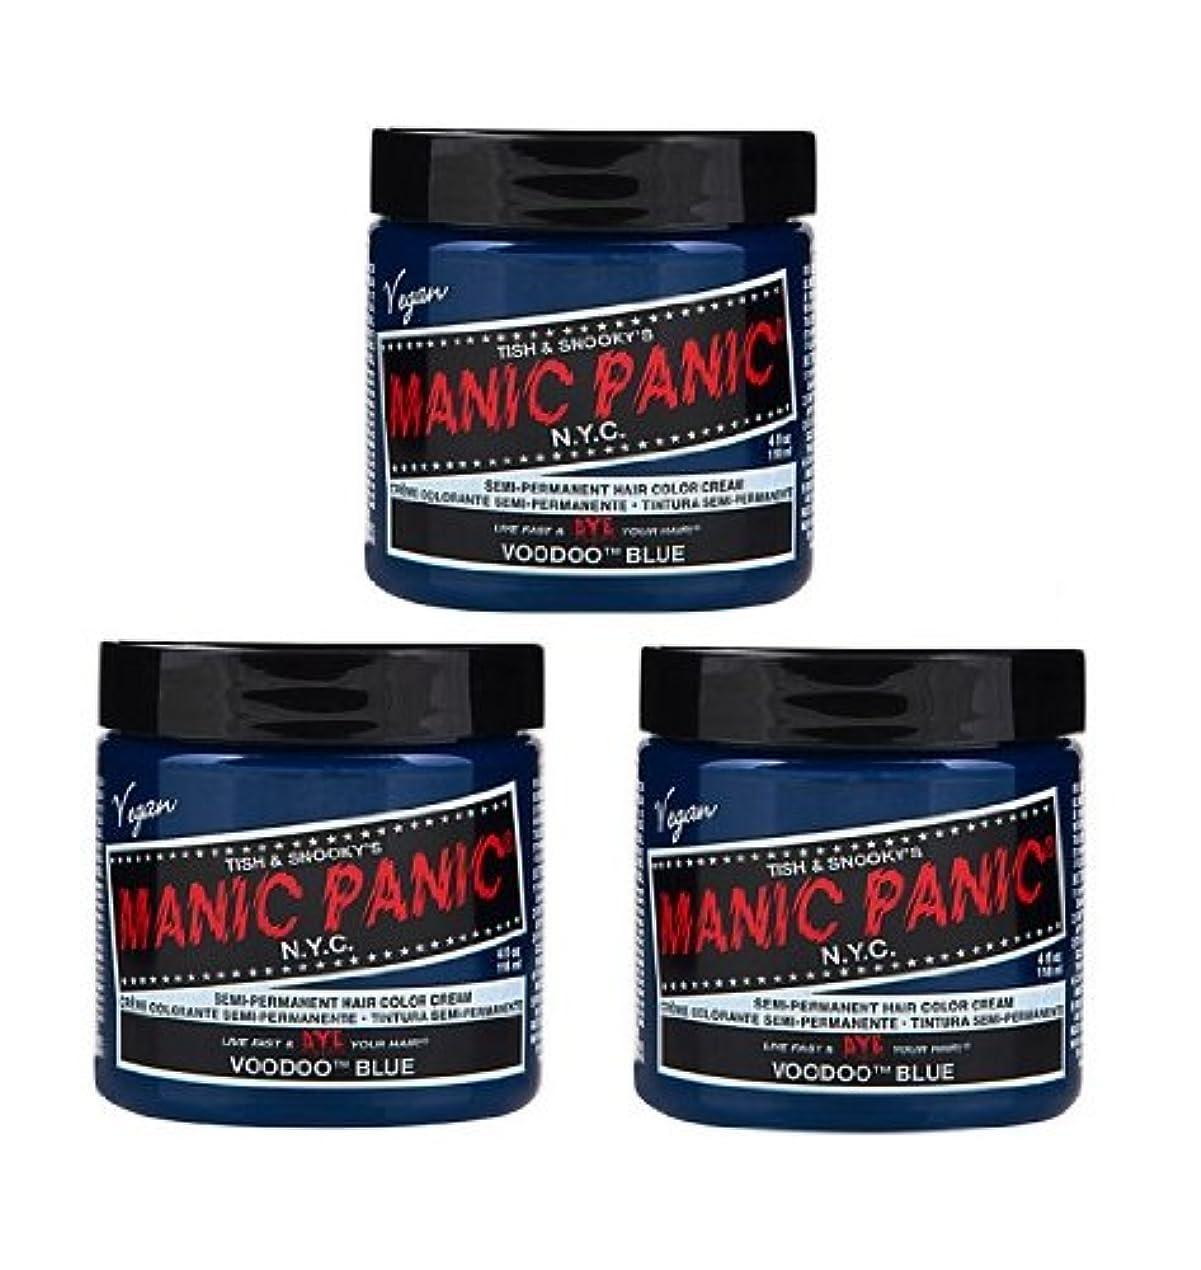 ひねくれた範囲大胆【3個セット】MANIC PANIC マニックパニック Voodoo Blue ブードゥーブルー 118ml